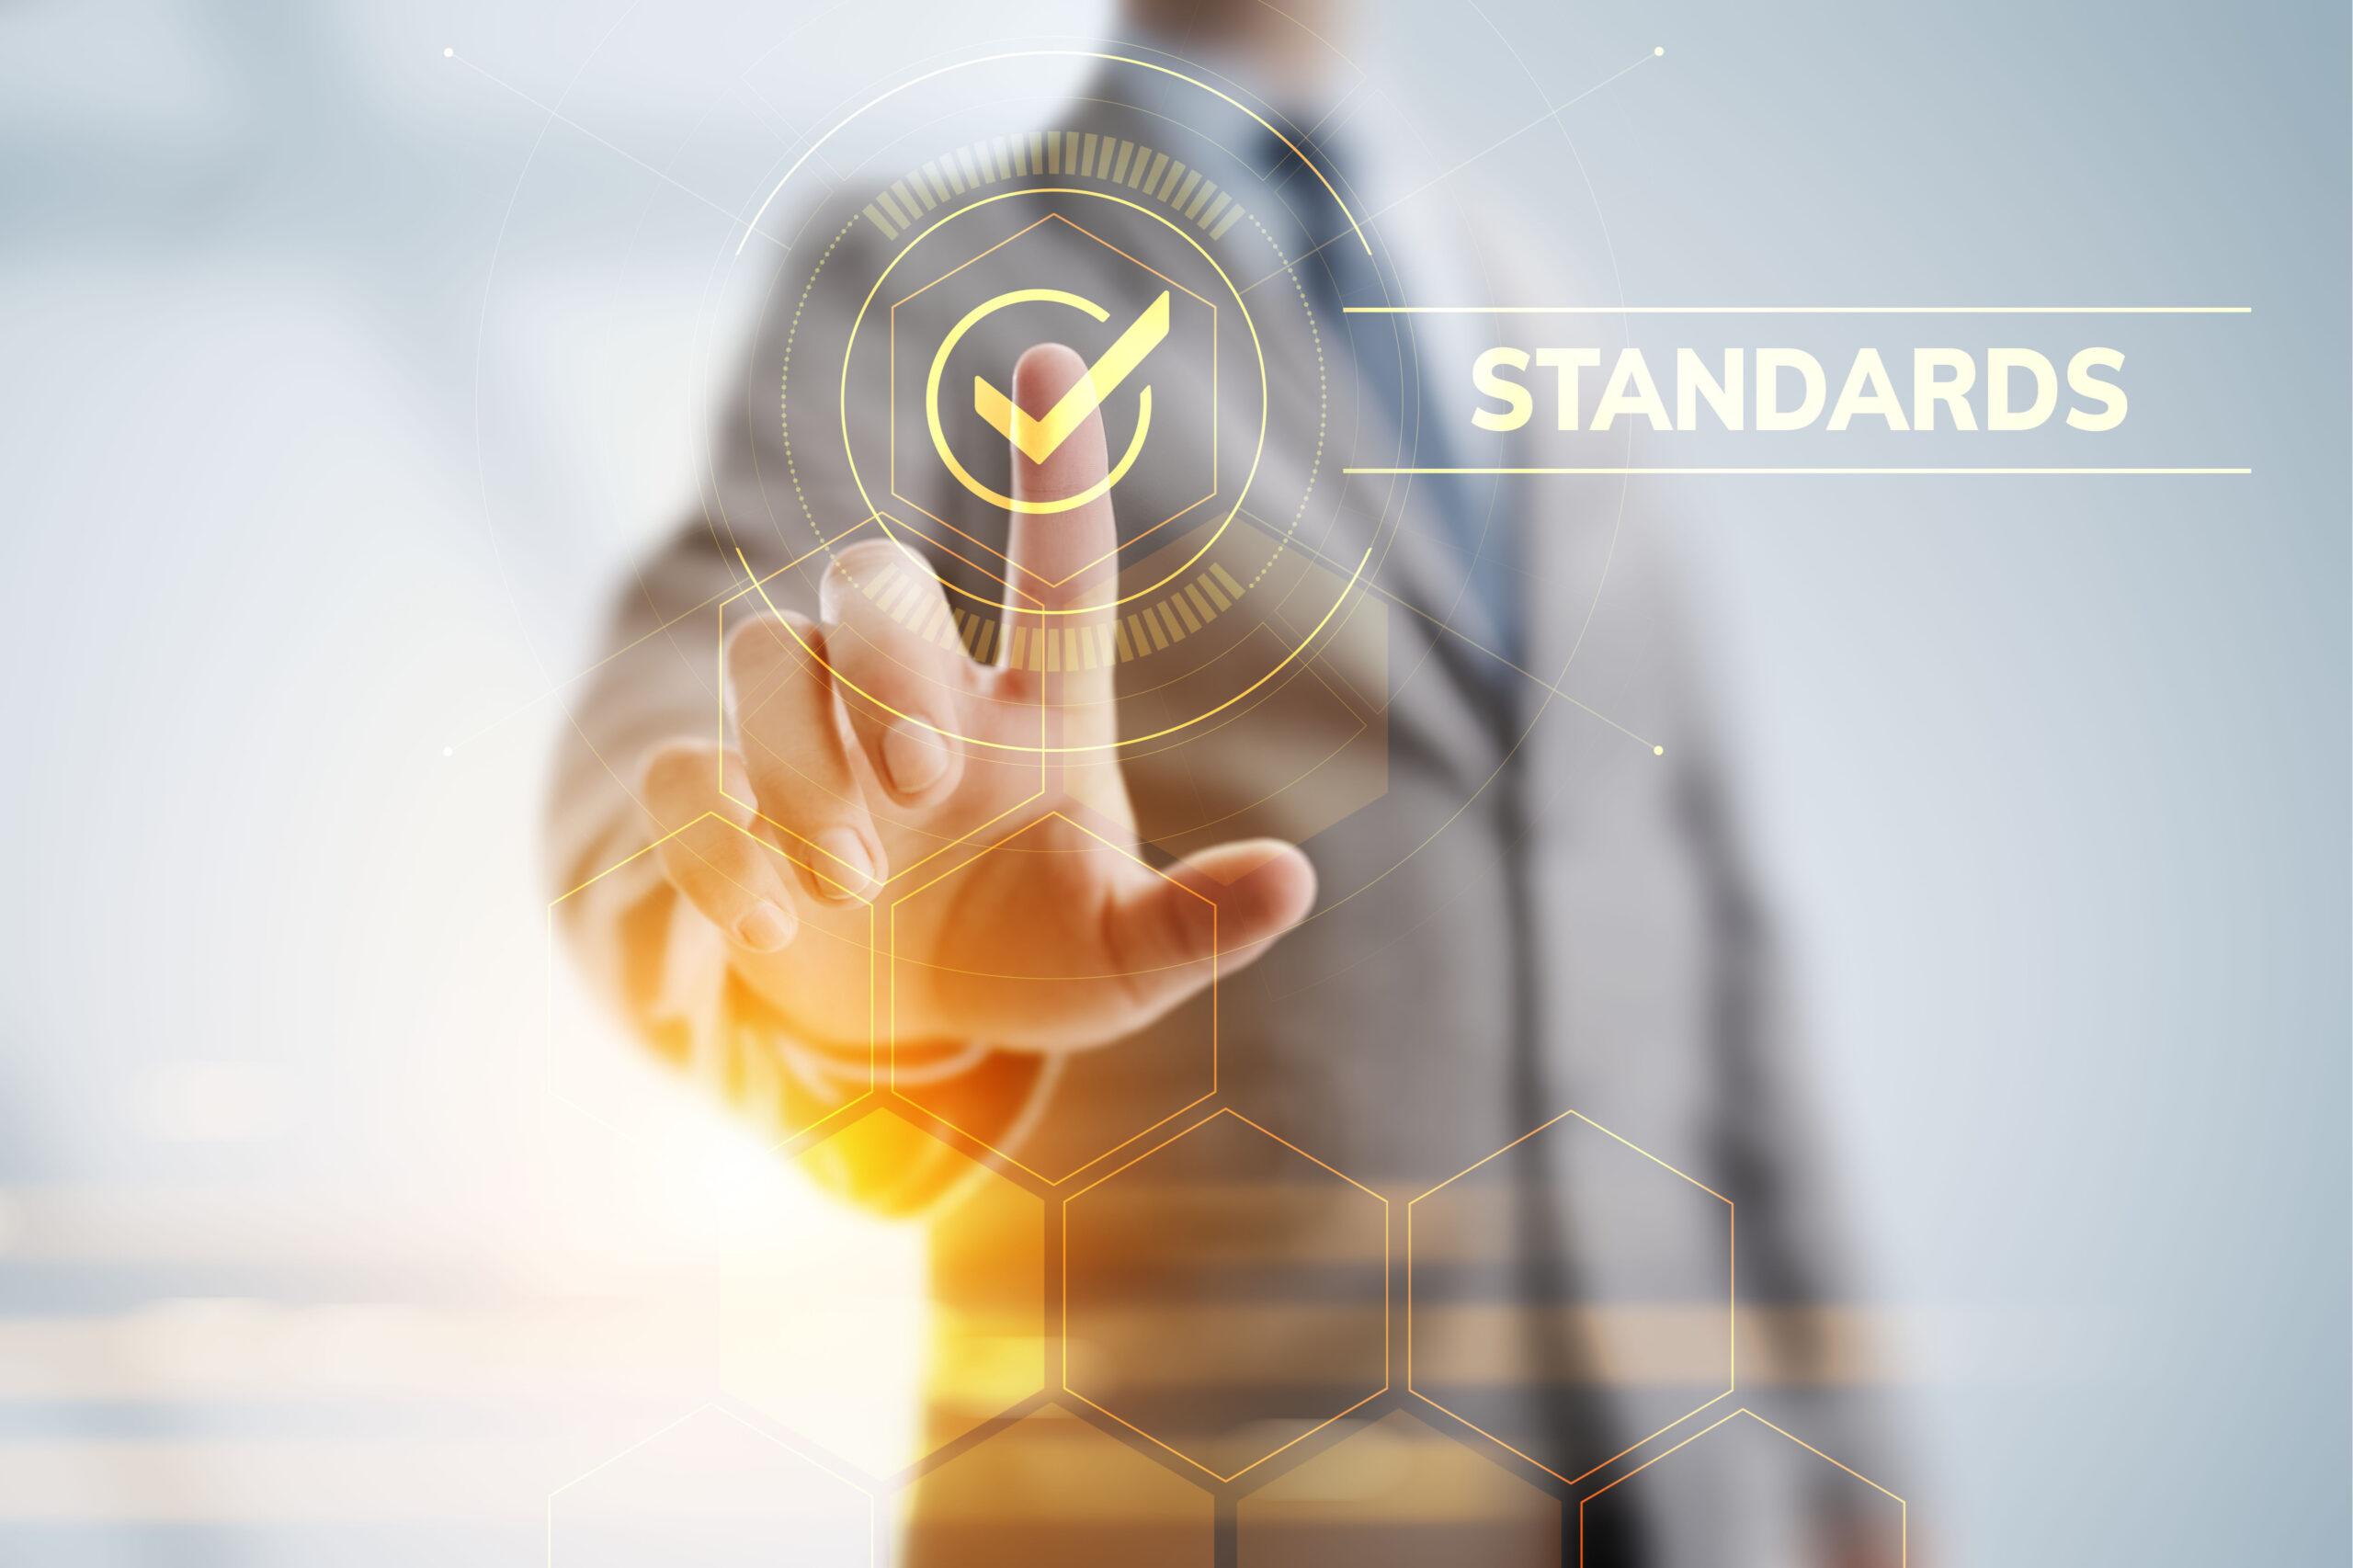 業務標準化の目的と対象